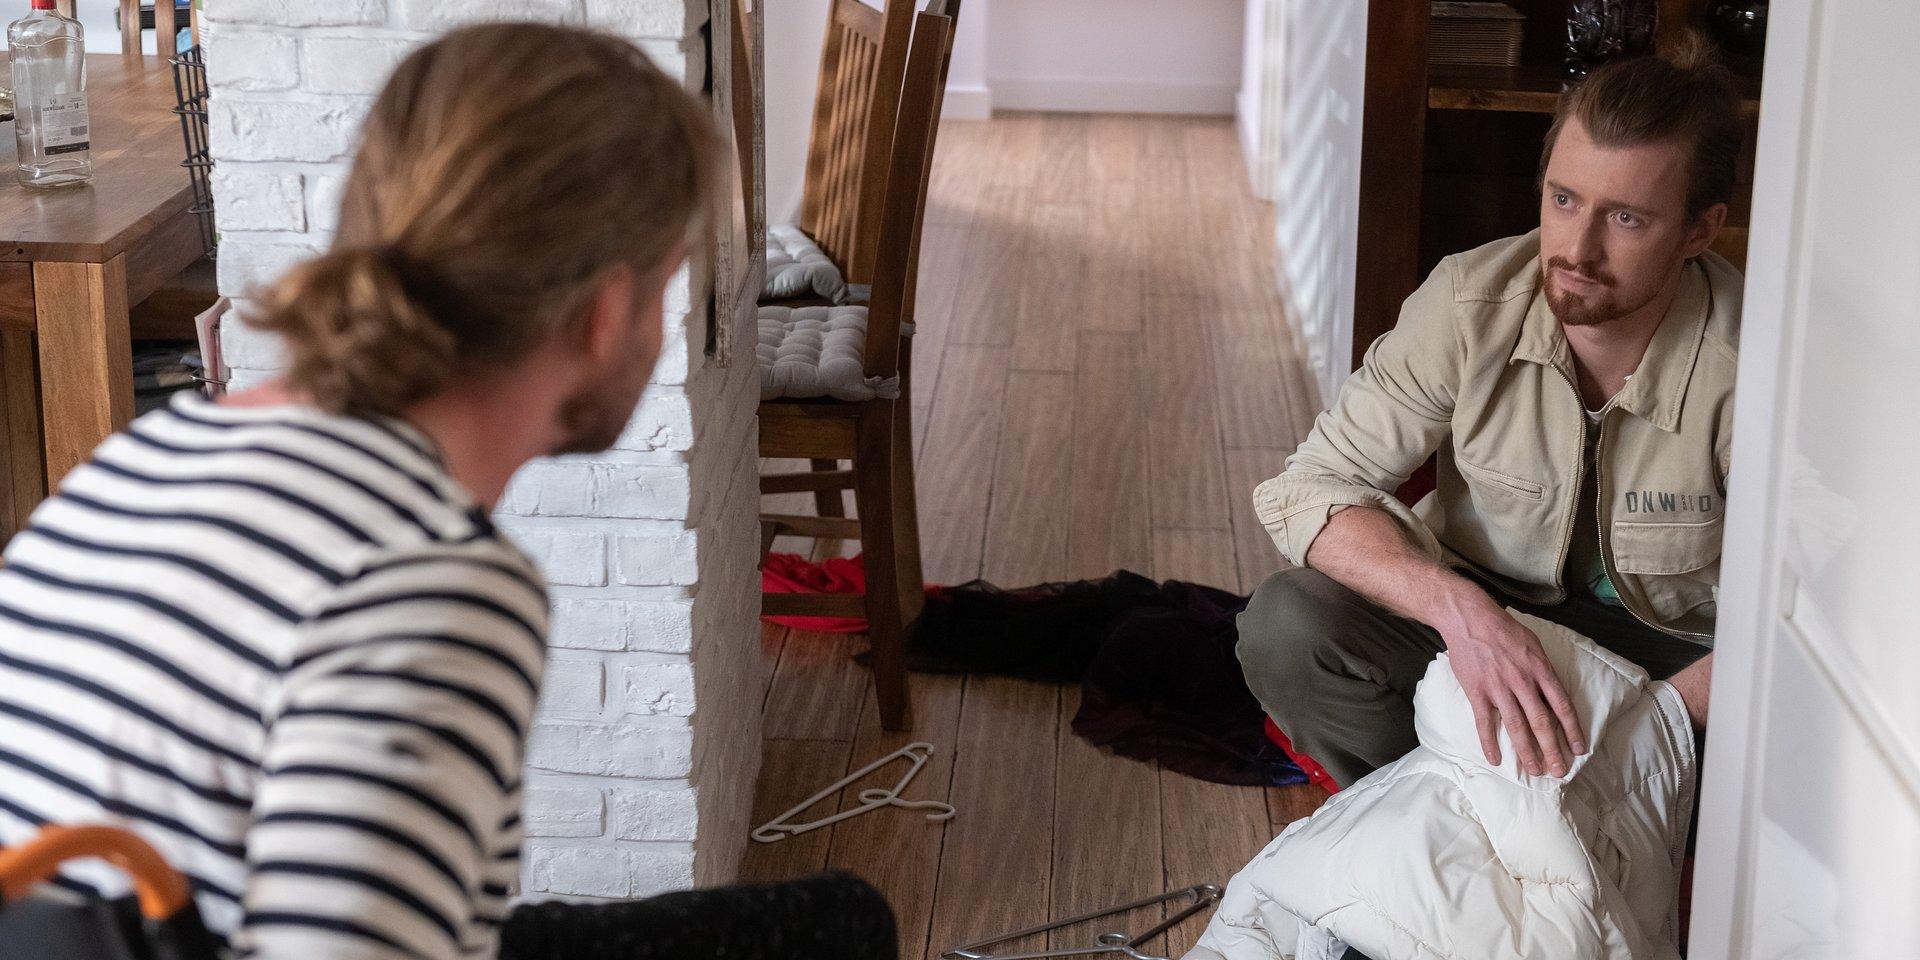 Na Wspólnej: Daria i Dawid – czy można zbudować szczęście kosztem czyjegoś dramatu?